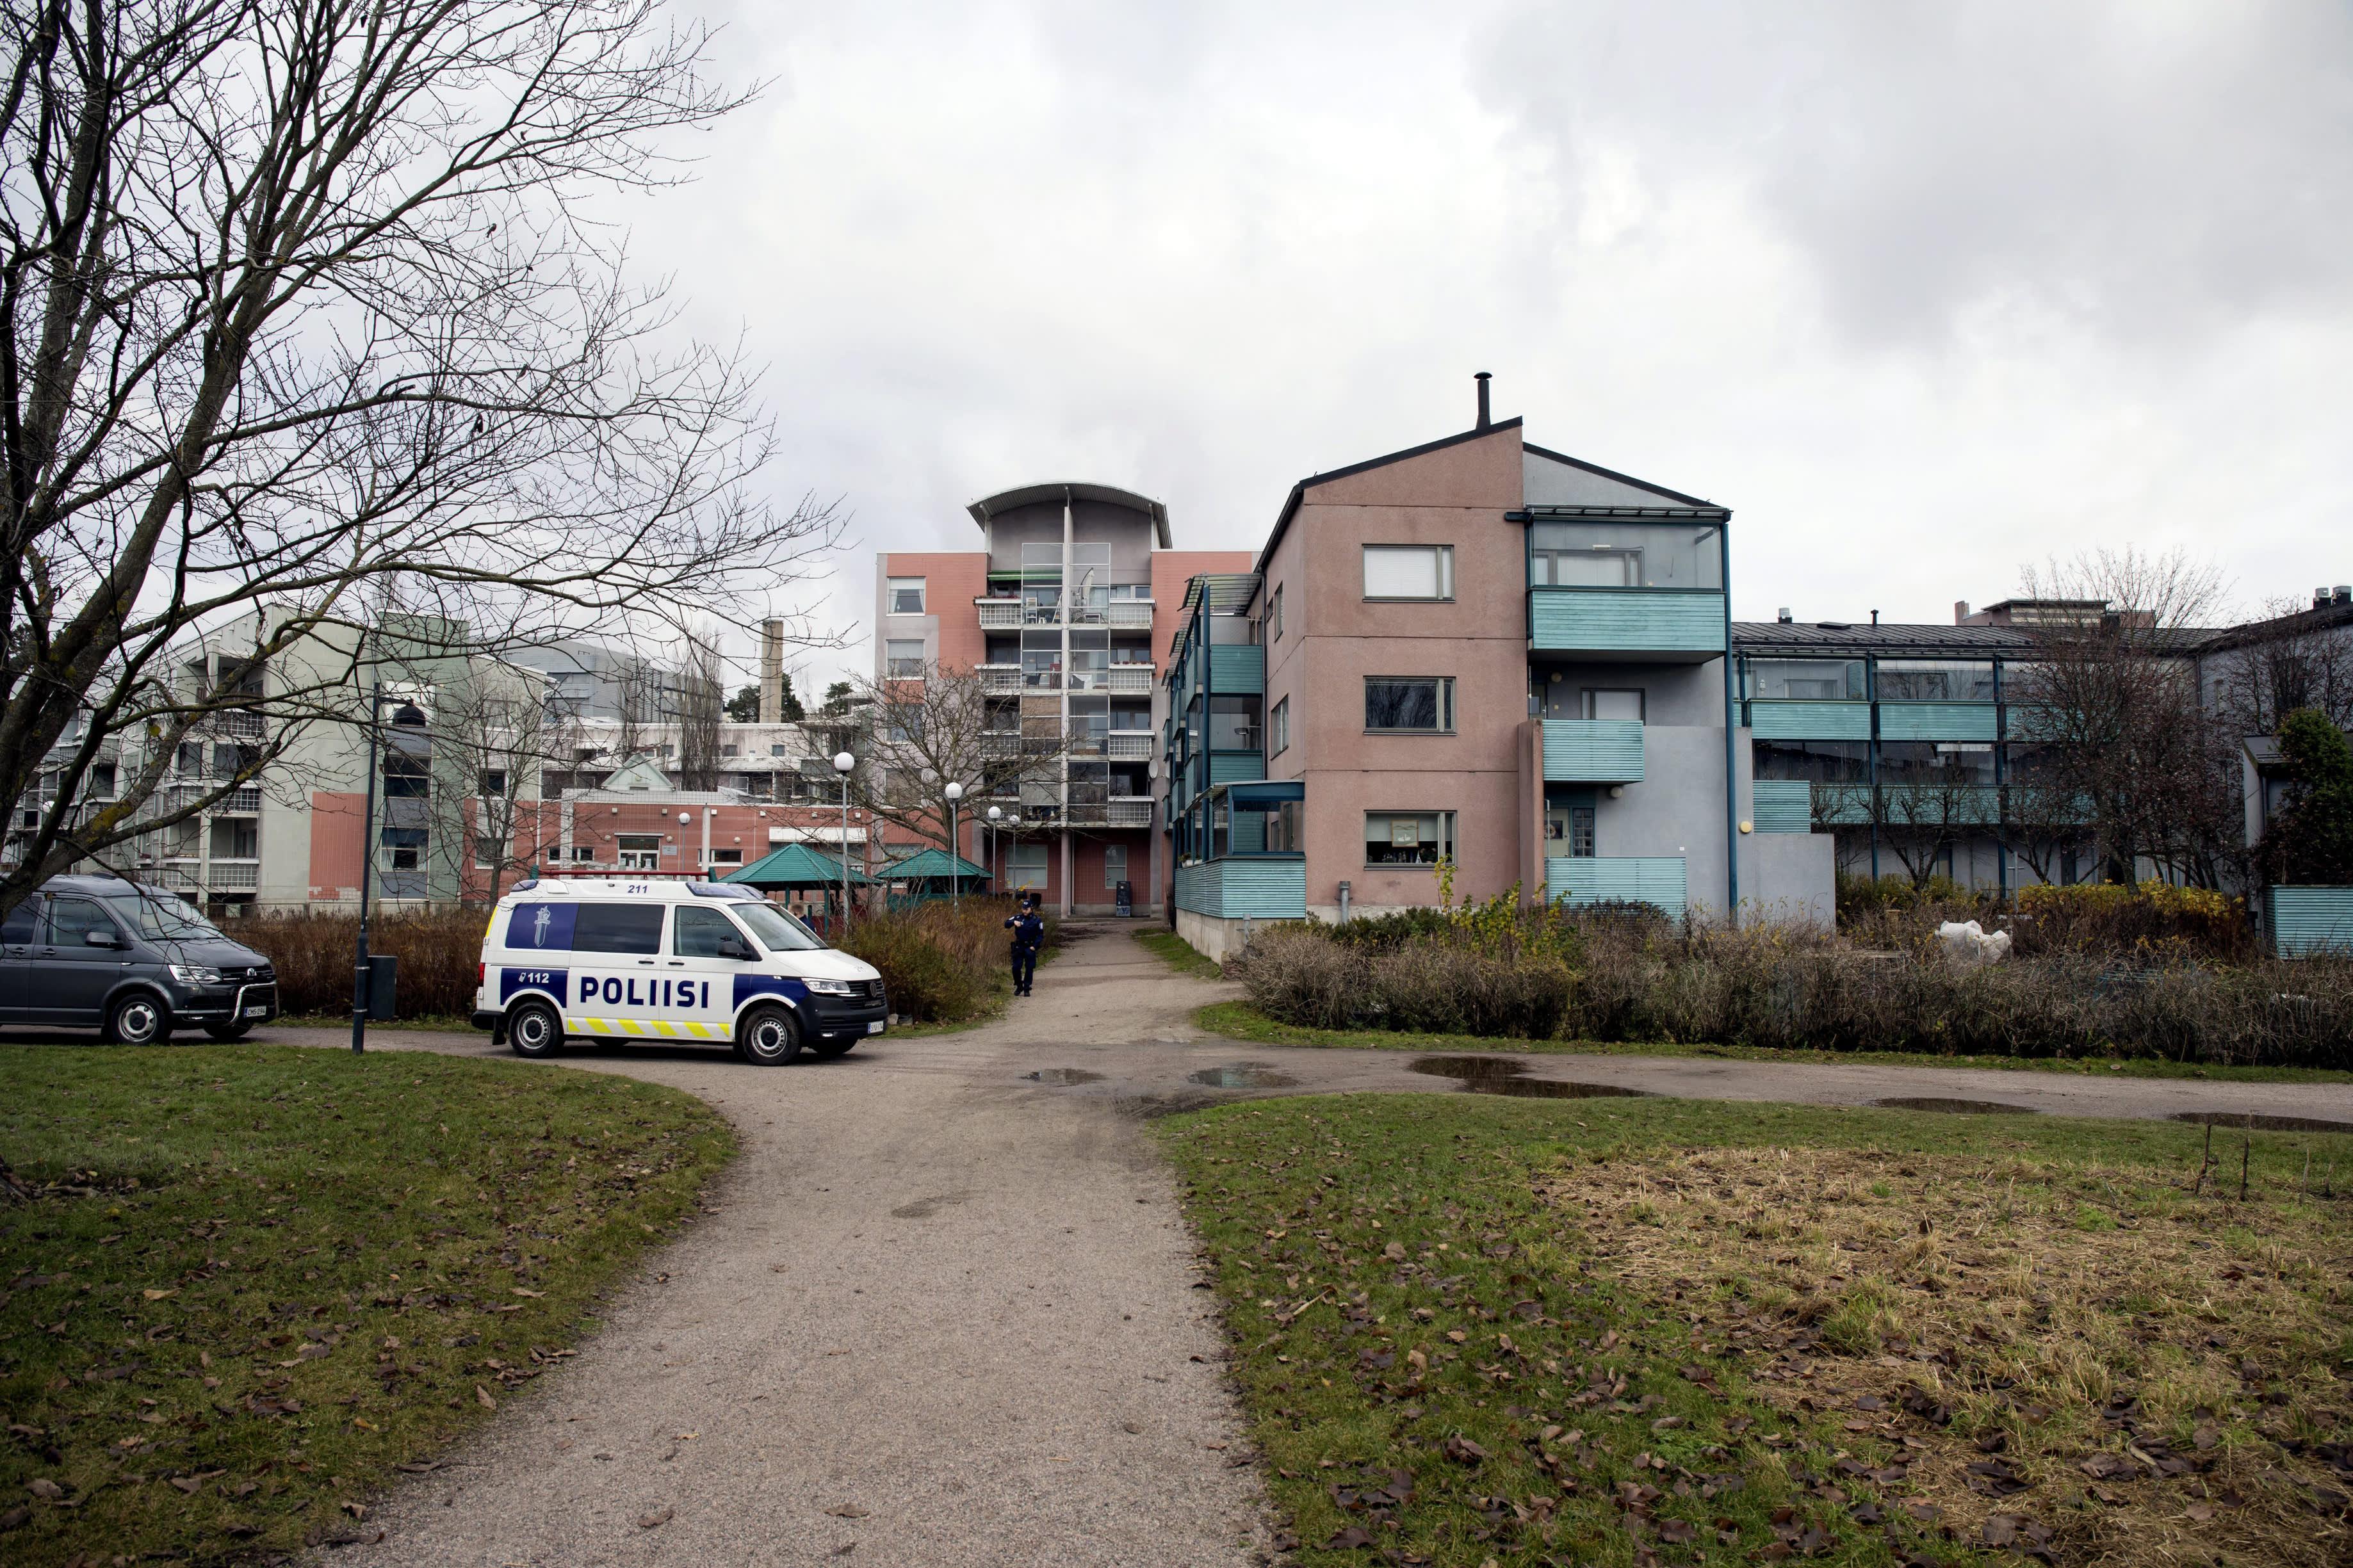 Helsingin poliisilaitoksen välittämä kuva kaivoa ympäröivästä alueesta Pikku-Huopalahdessa Helsingissä.